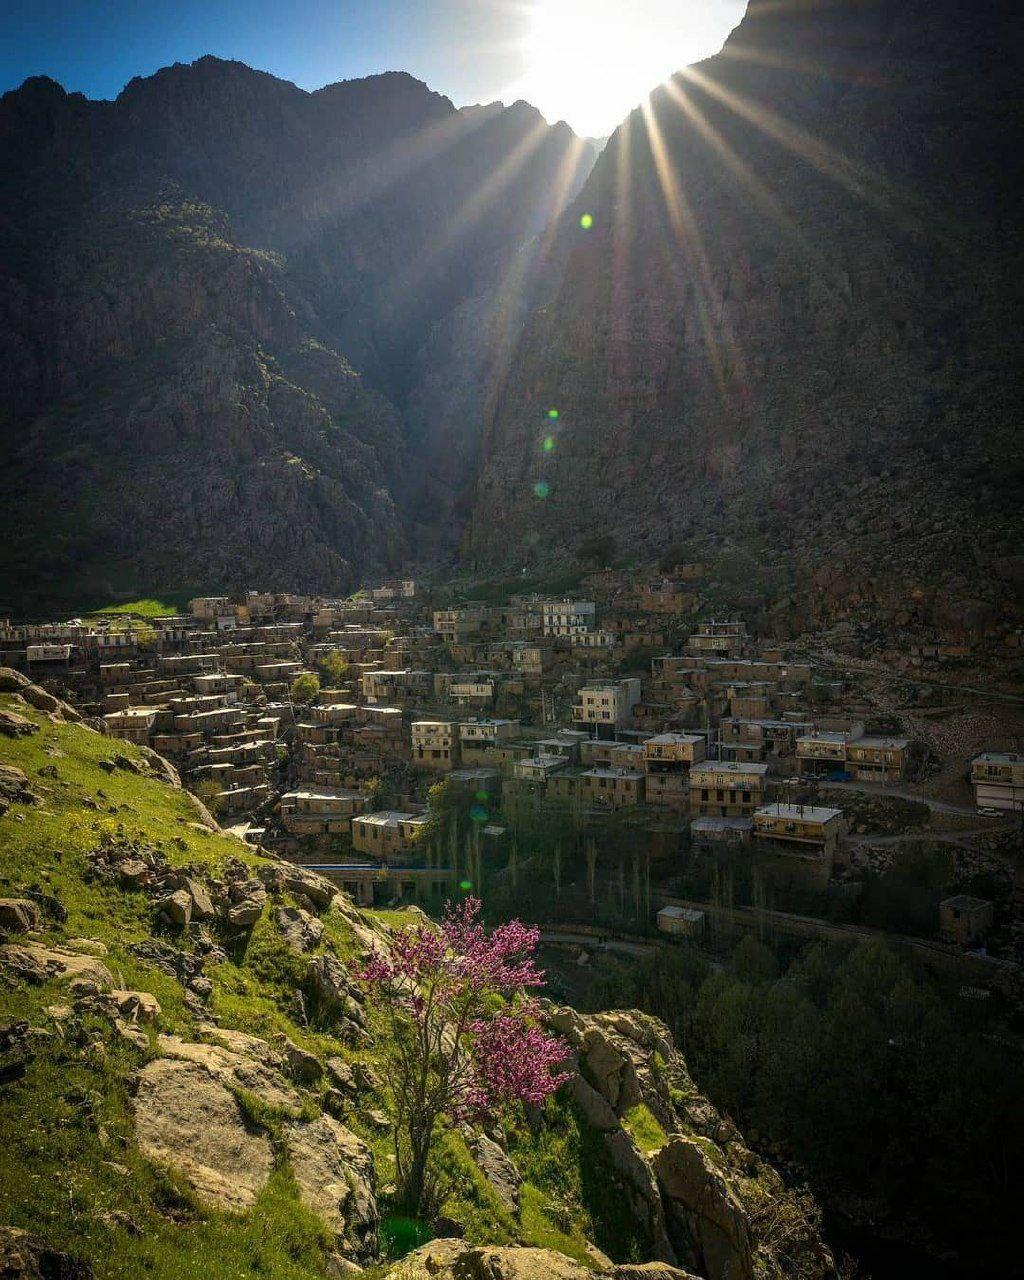 روستای زیبای دیوزناو در استان کردستان